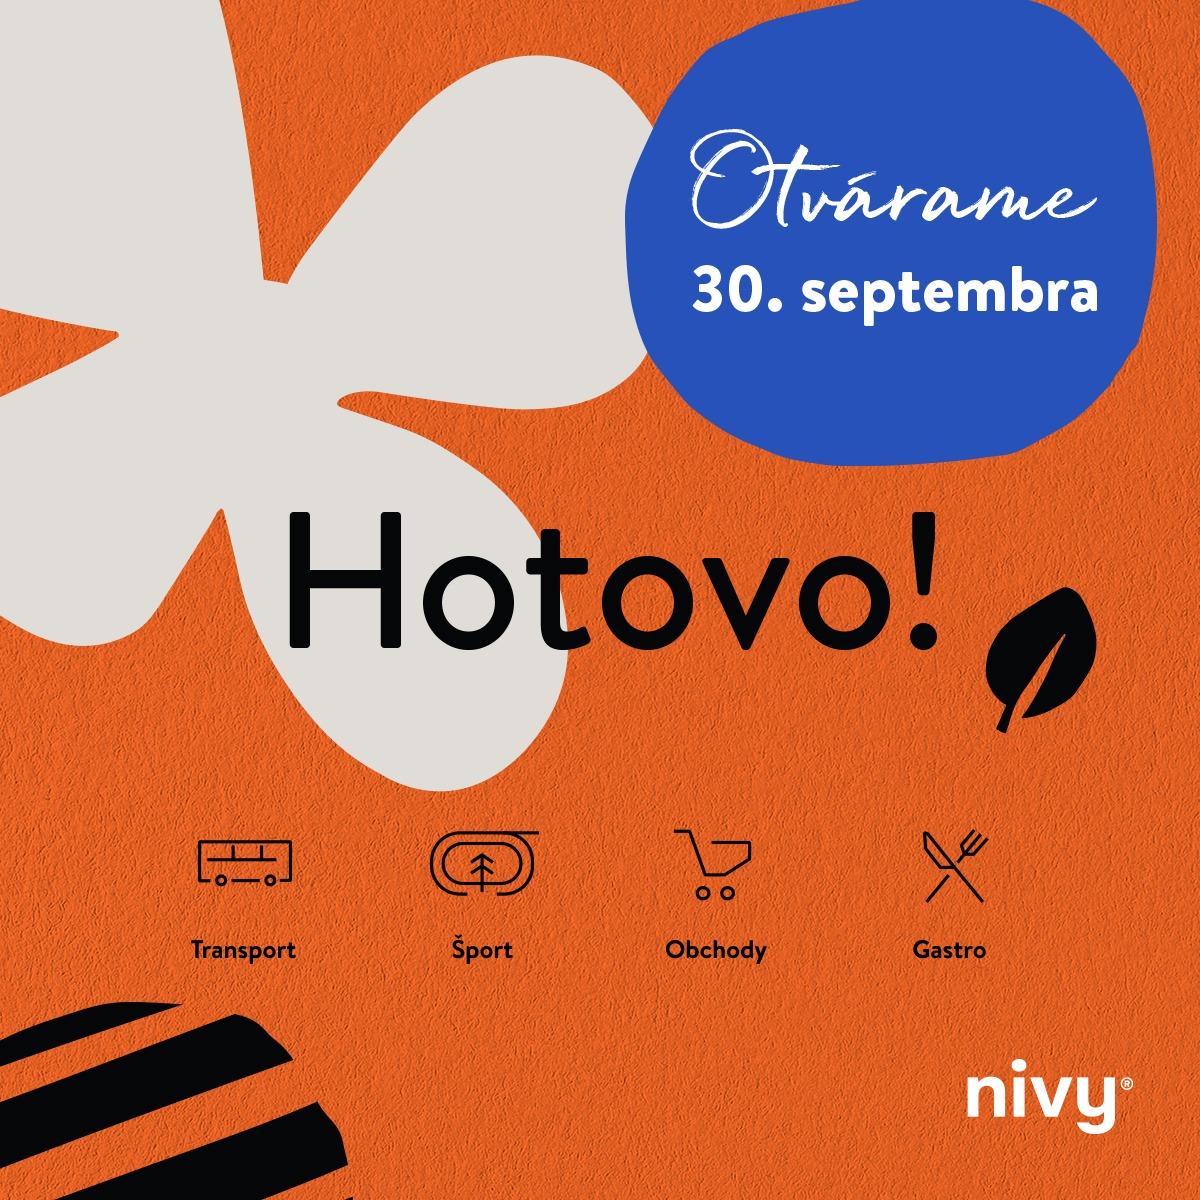 3x HURÁÁÁ - otvorenie novej autobusovej stanice Nivy! - od 30.9. do 3.10.2021